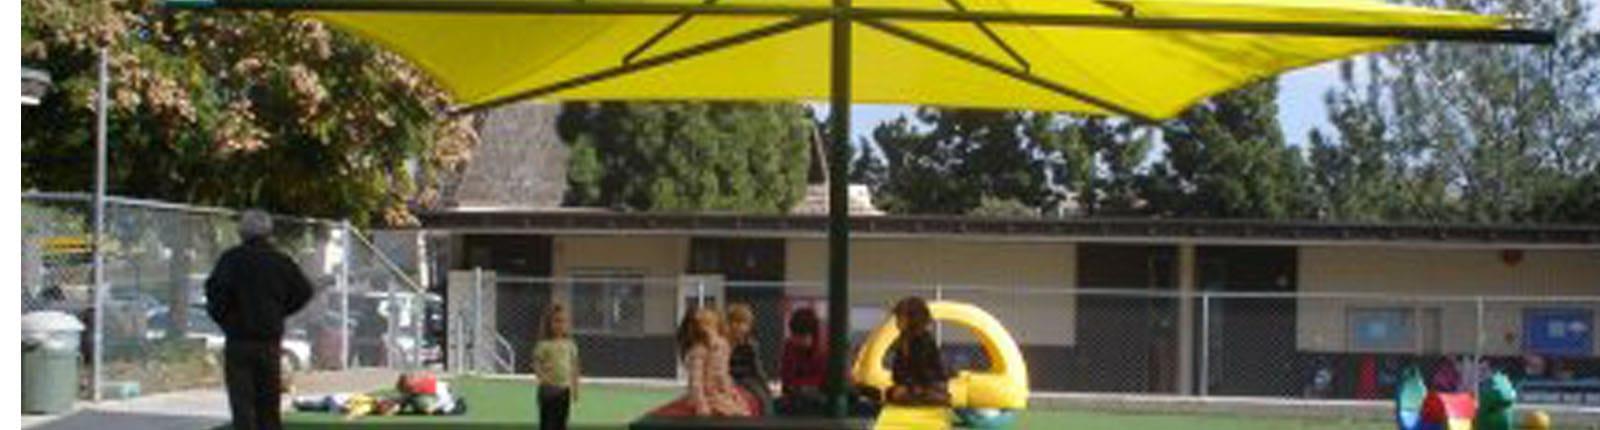 Preschool Kids Under Umbrella   Sterling West